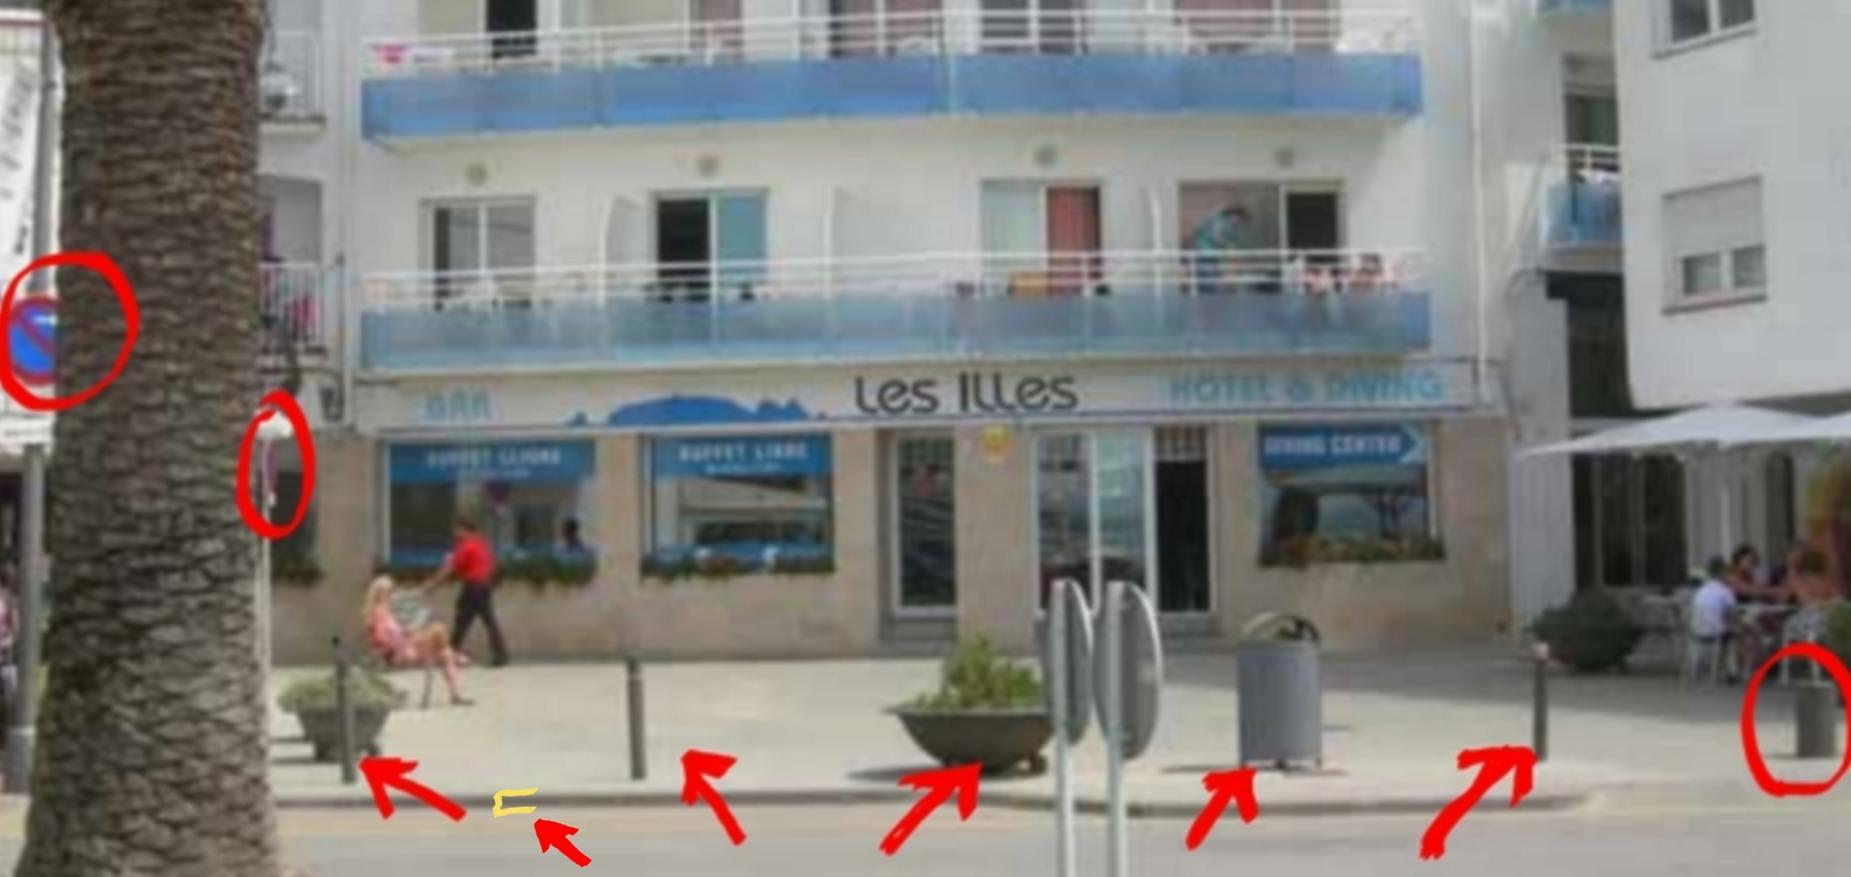 fortificamenta de pilones anti-cotxes i camions, Hotel les Illes, Estartit.